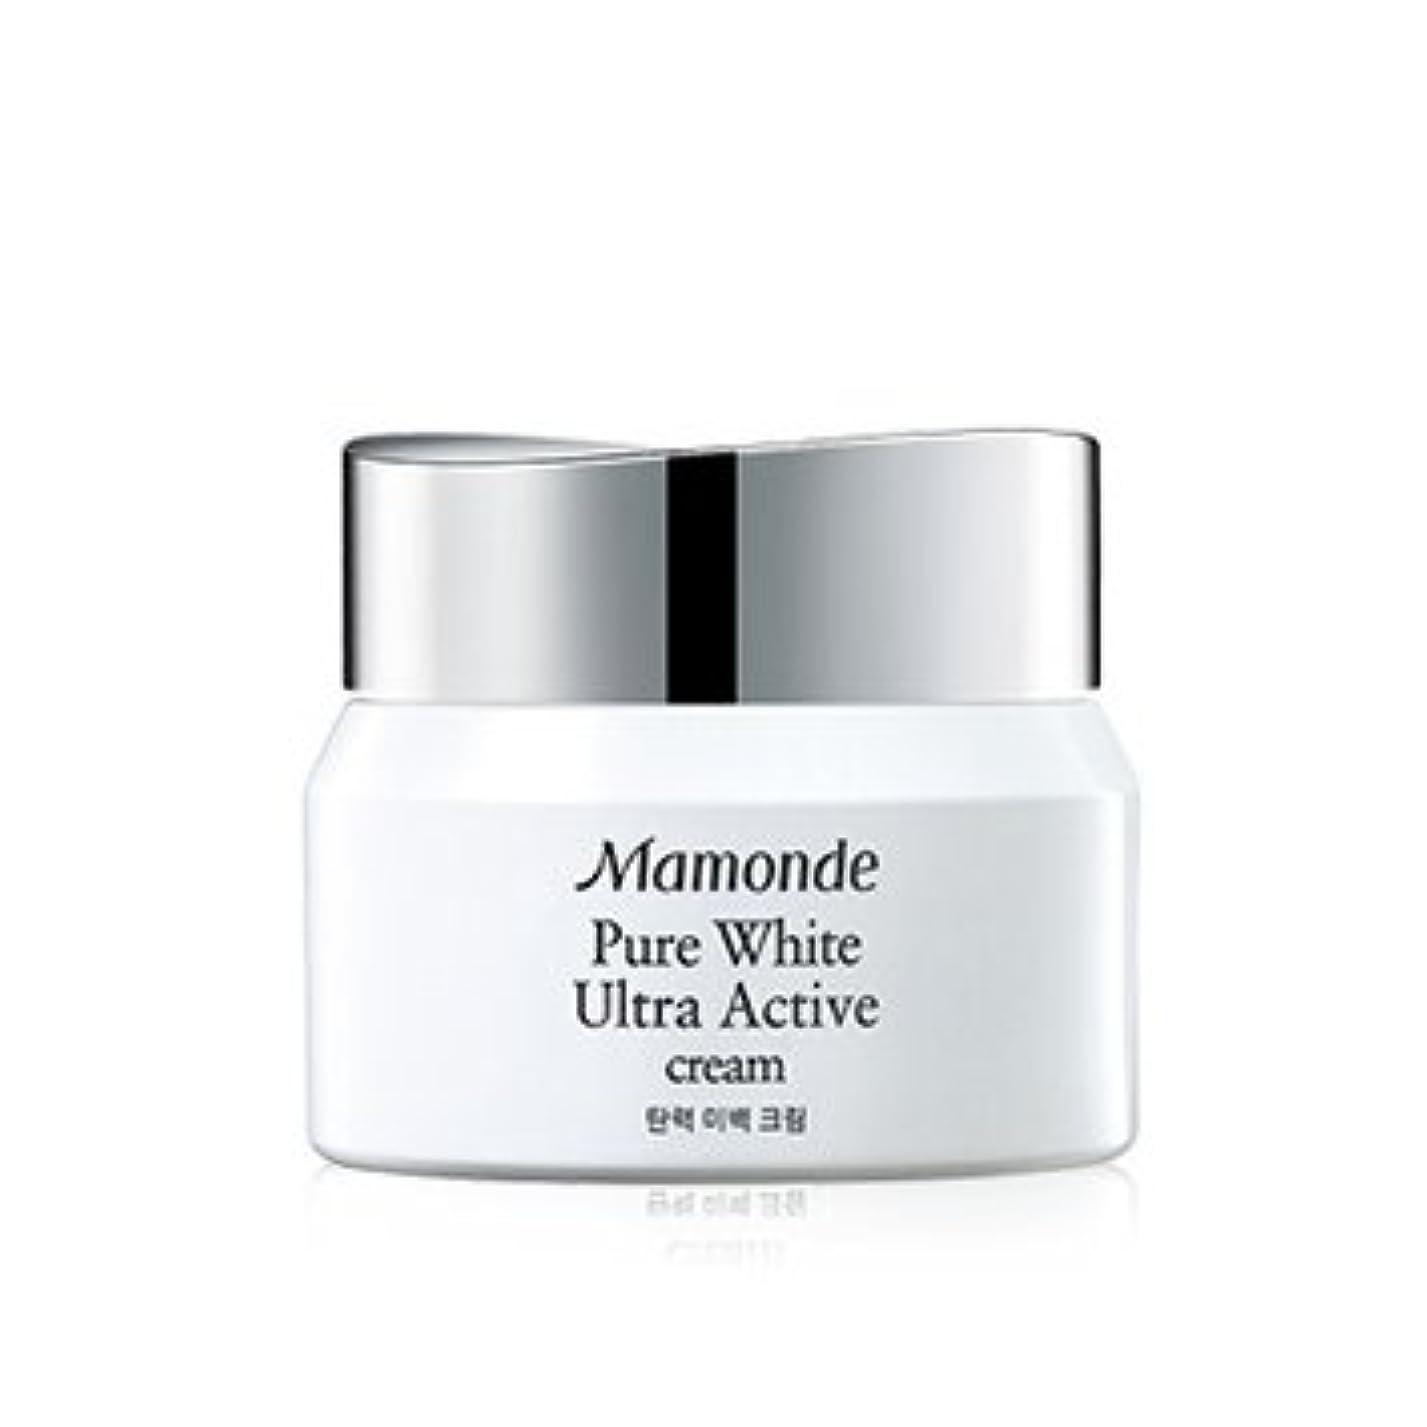 悪性の終わらせる下着Mamonde Pure White Ultra Active Cream 50ml/マモンド ピュア ホワイト ウルトラ アクティブ クリーム 50ml [並行輸入品]